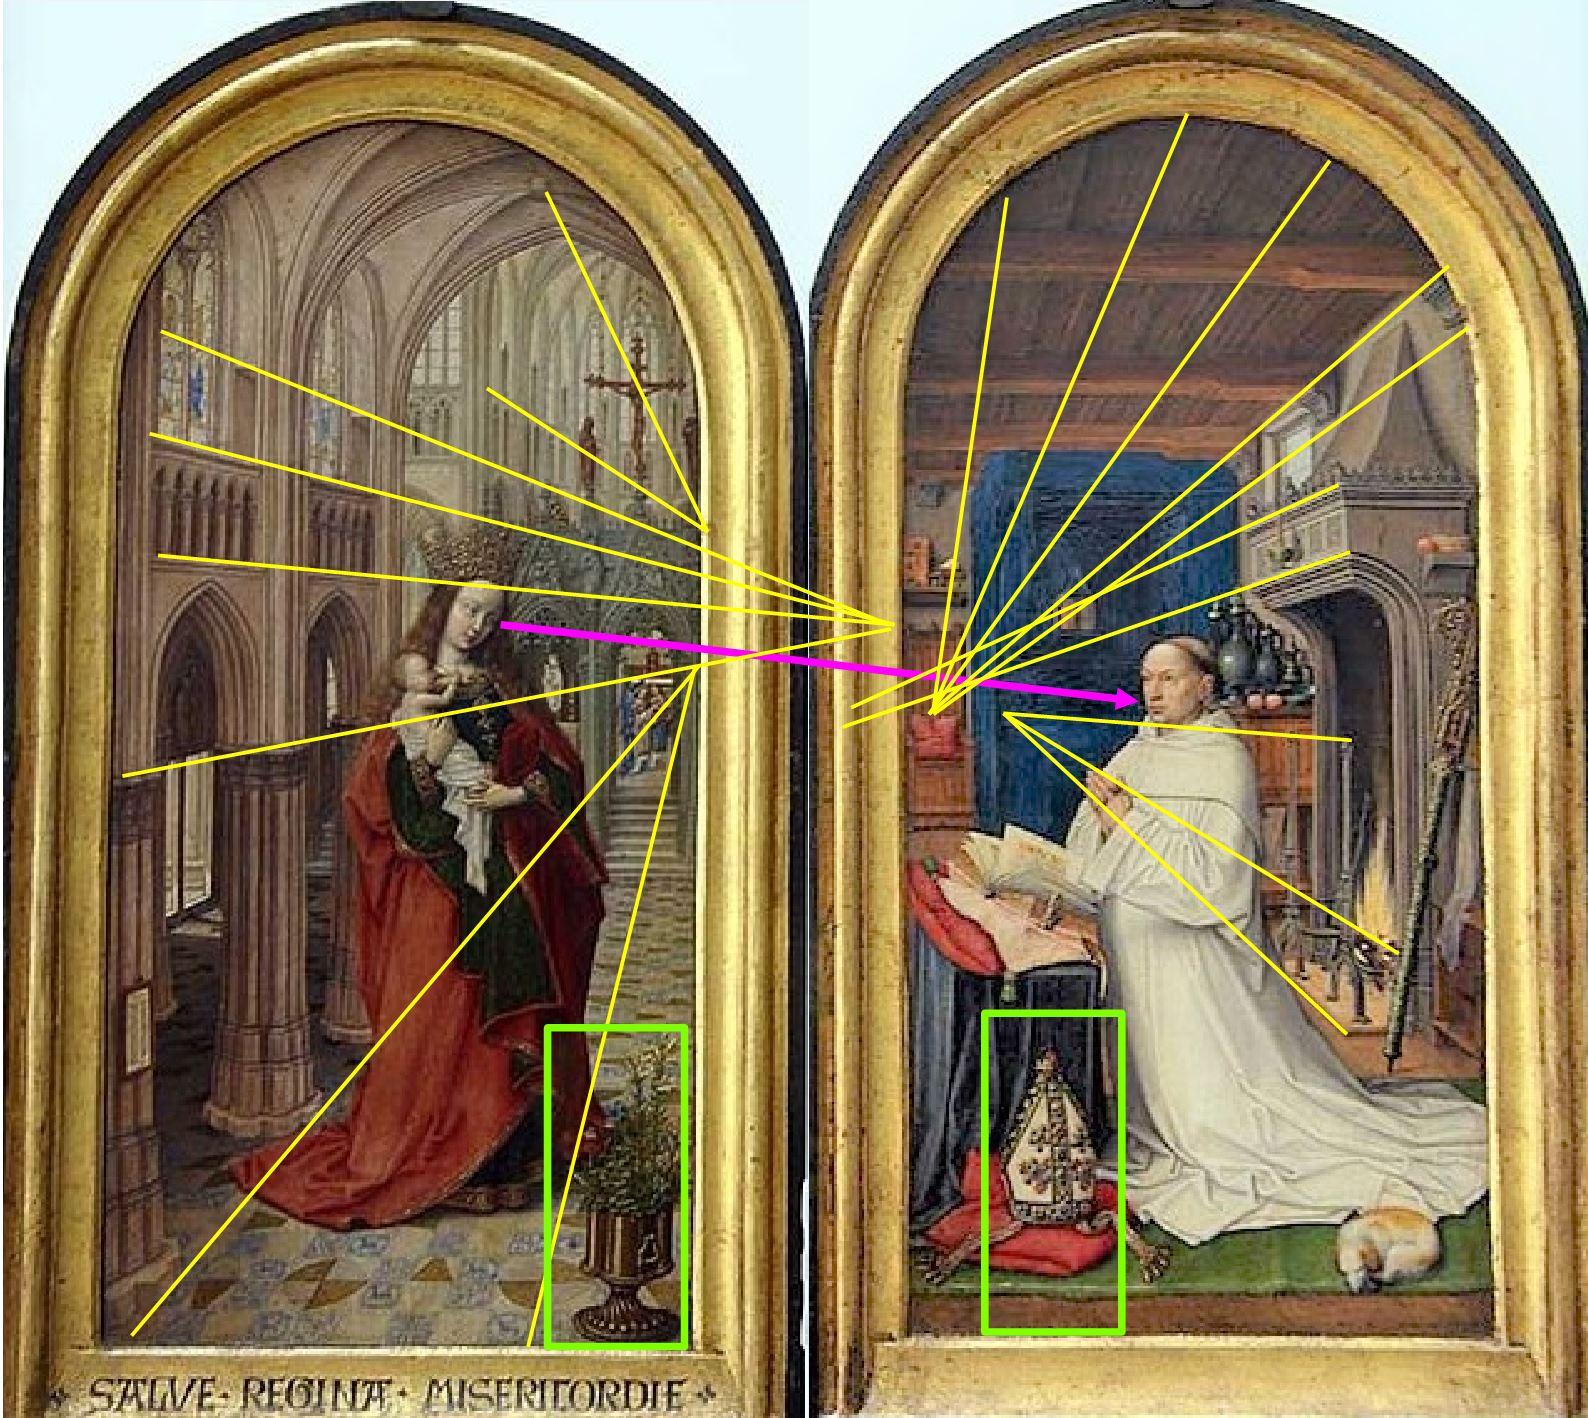 Diptych_Master_of_1499 Abbot Christiaan de Hondt, Koninklijk Museum voor Schone Kunsten, Antwerp schema